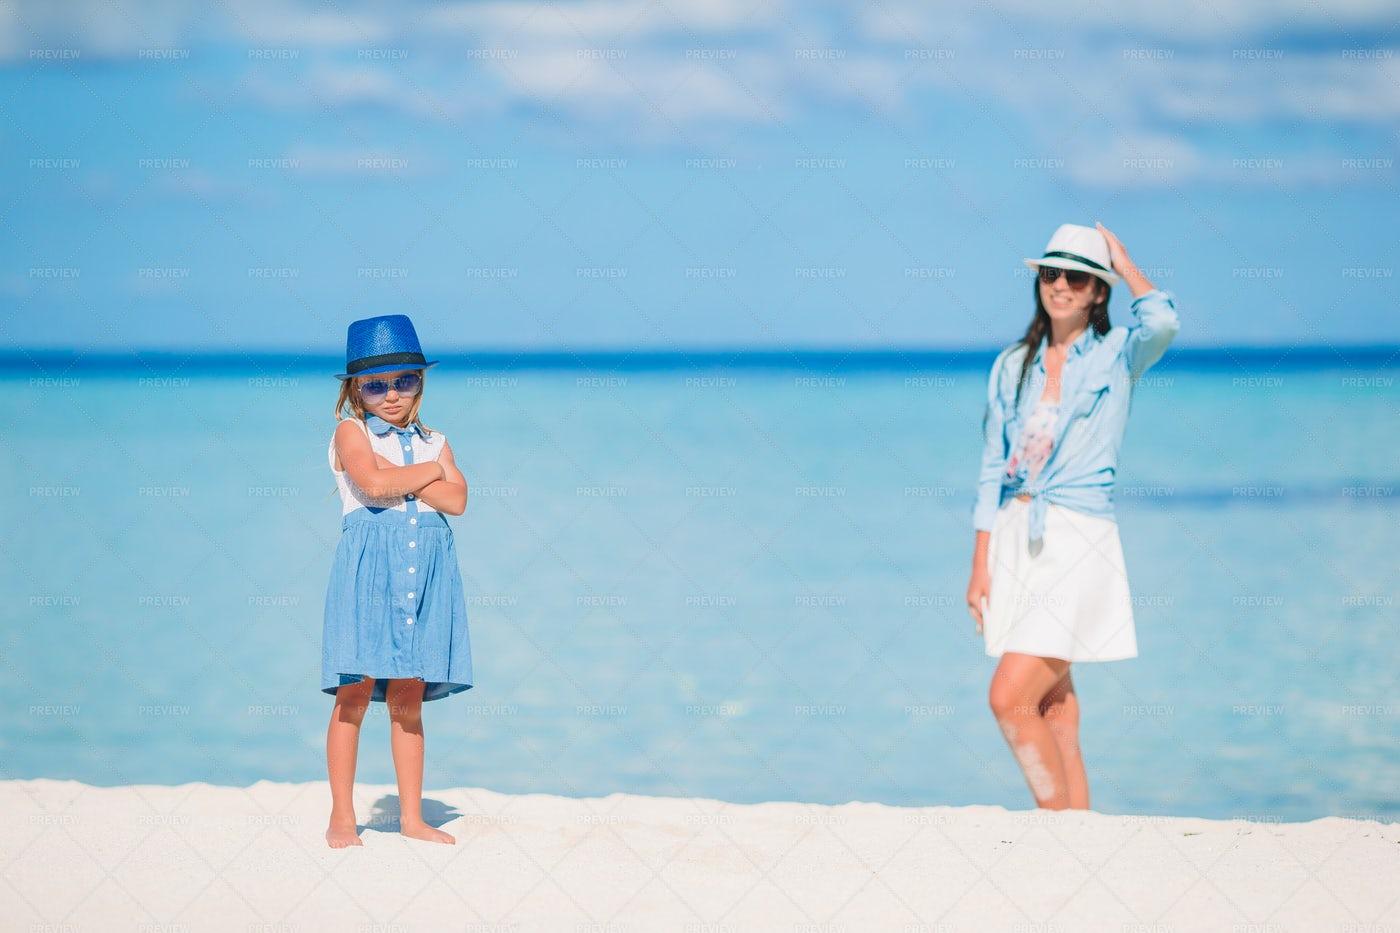 Stubborn Child On The Beach: Stock Photos